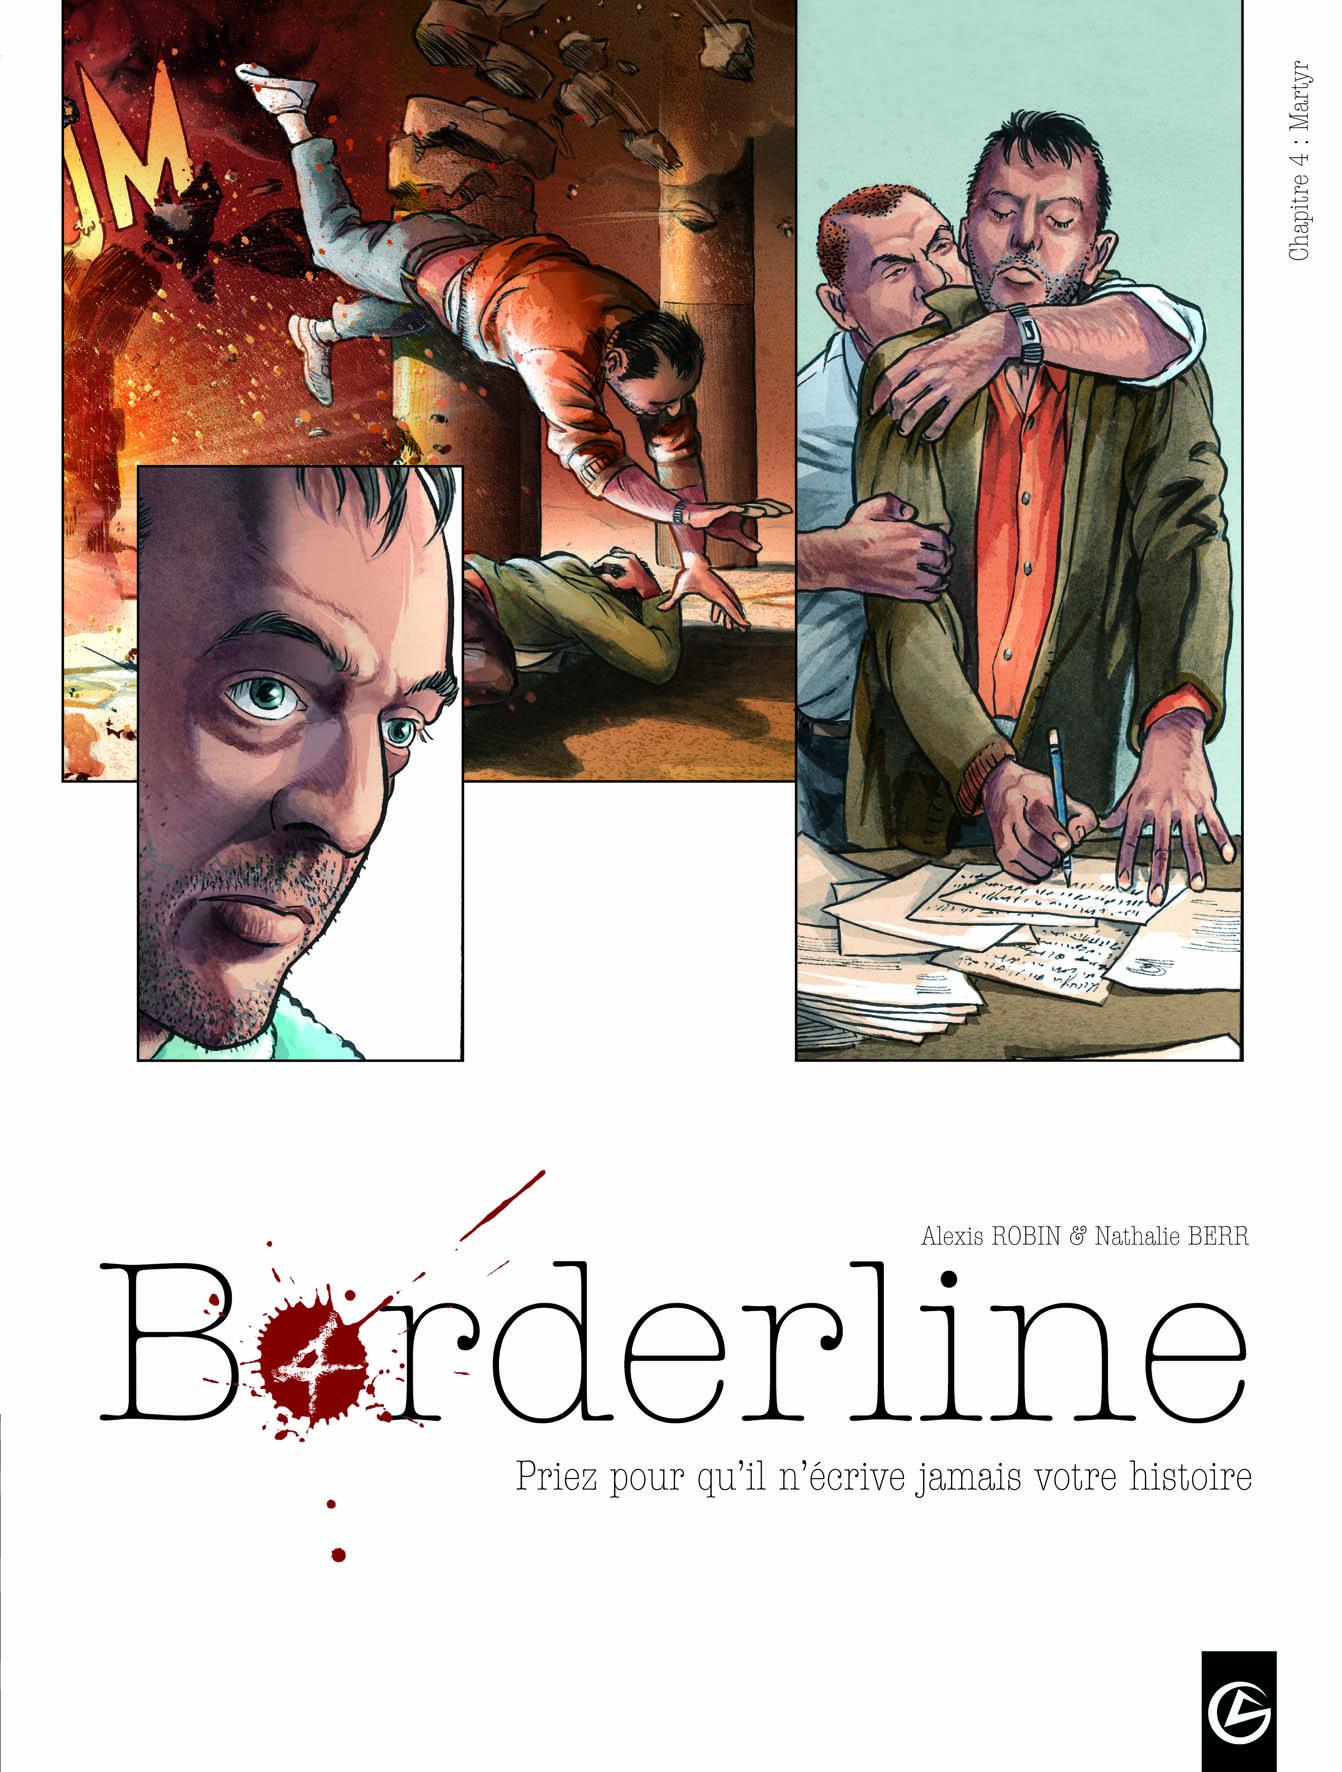 Borderline 4 - Il ne connaît pas l'angoisse de la page blanche, seulement l'angoisse